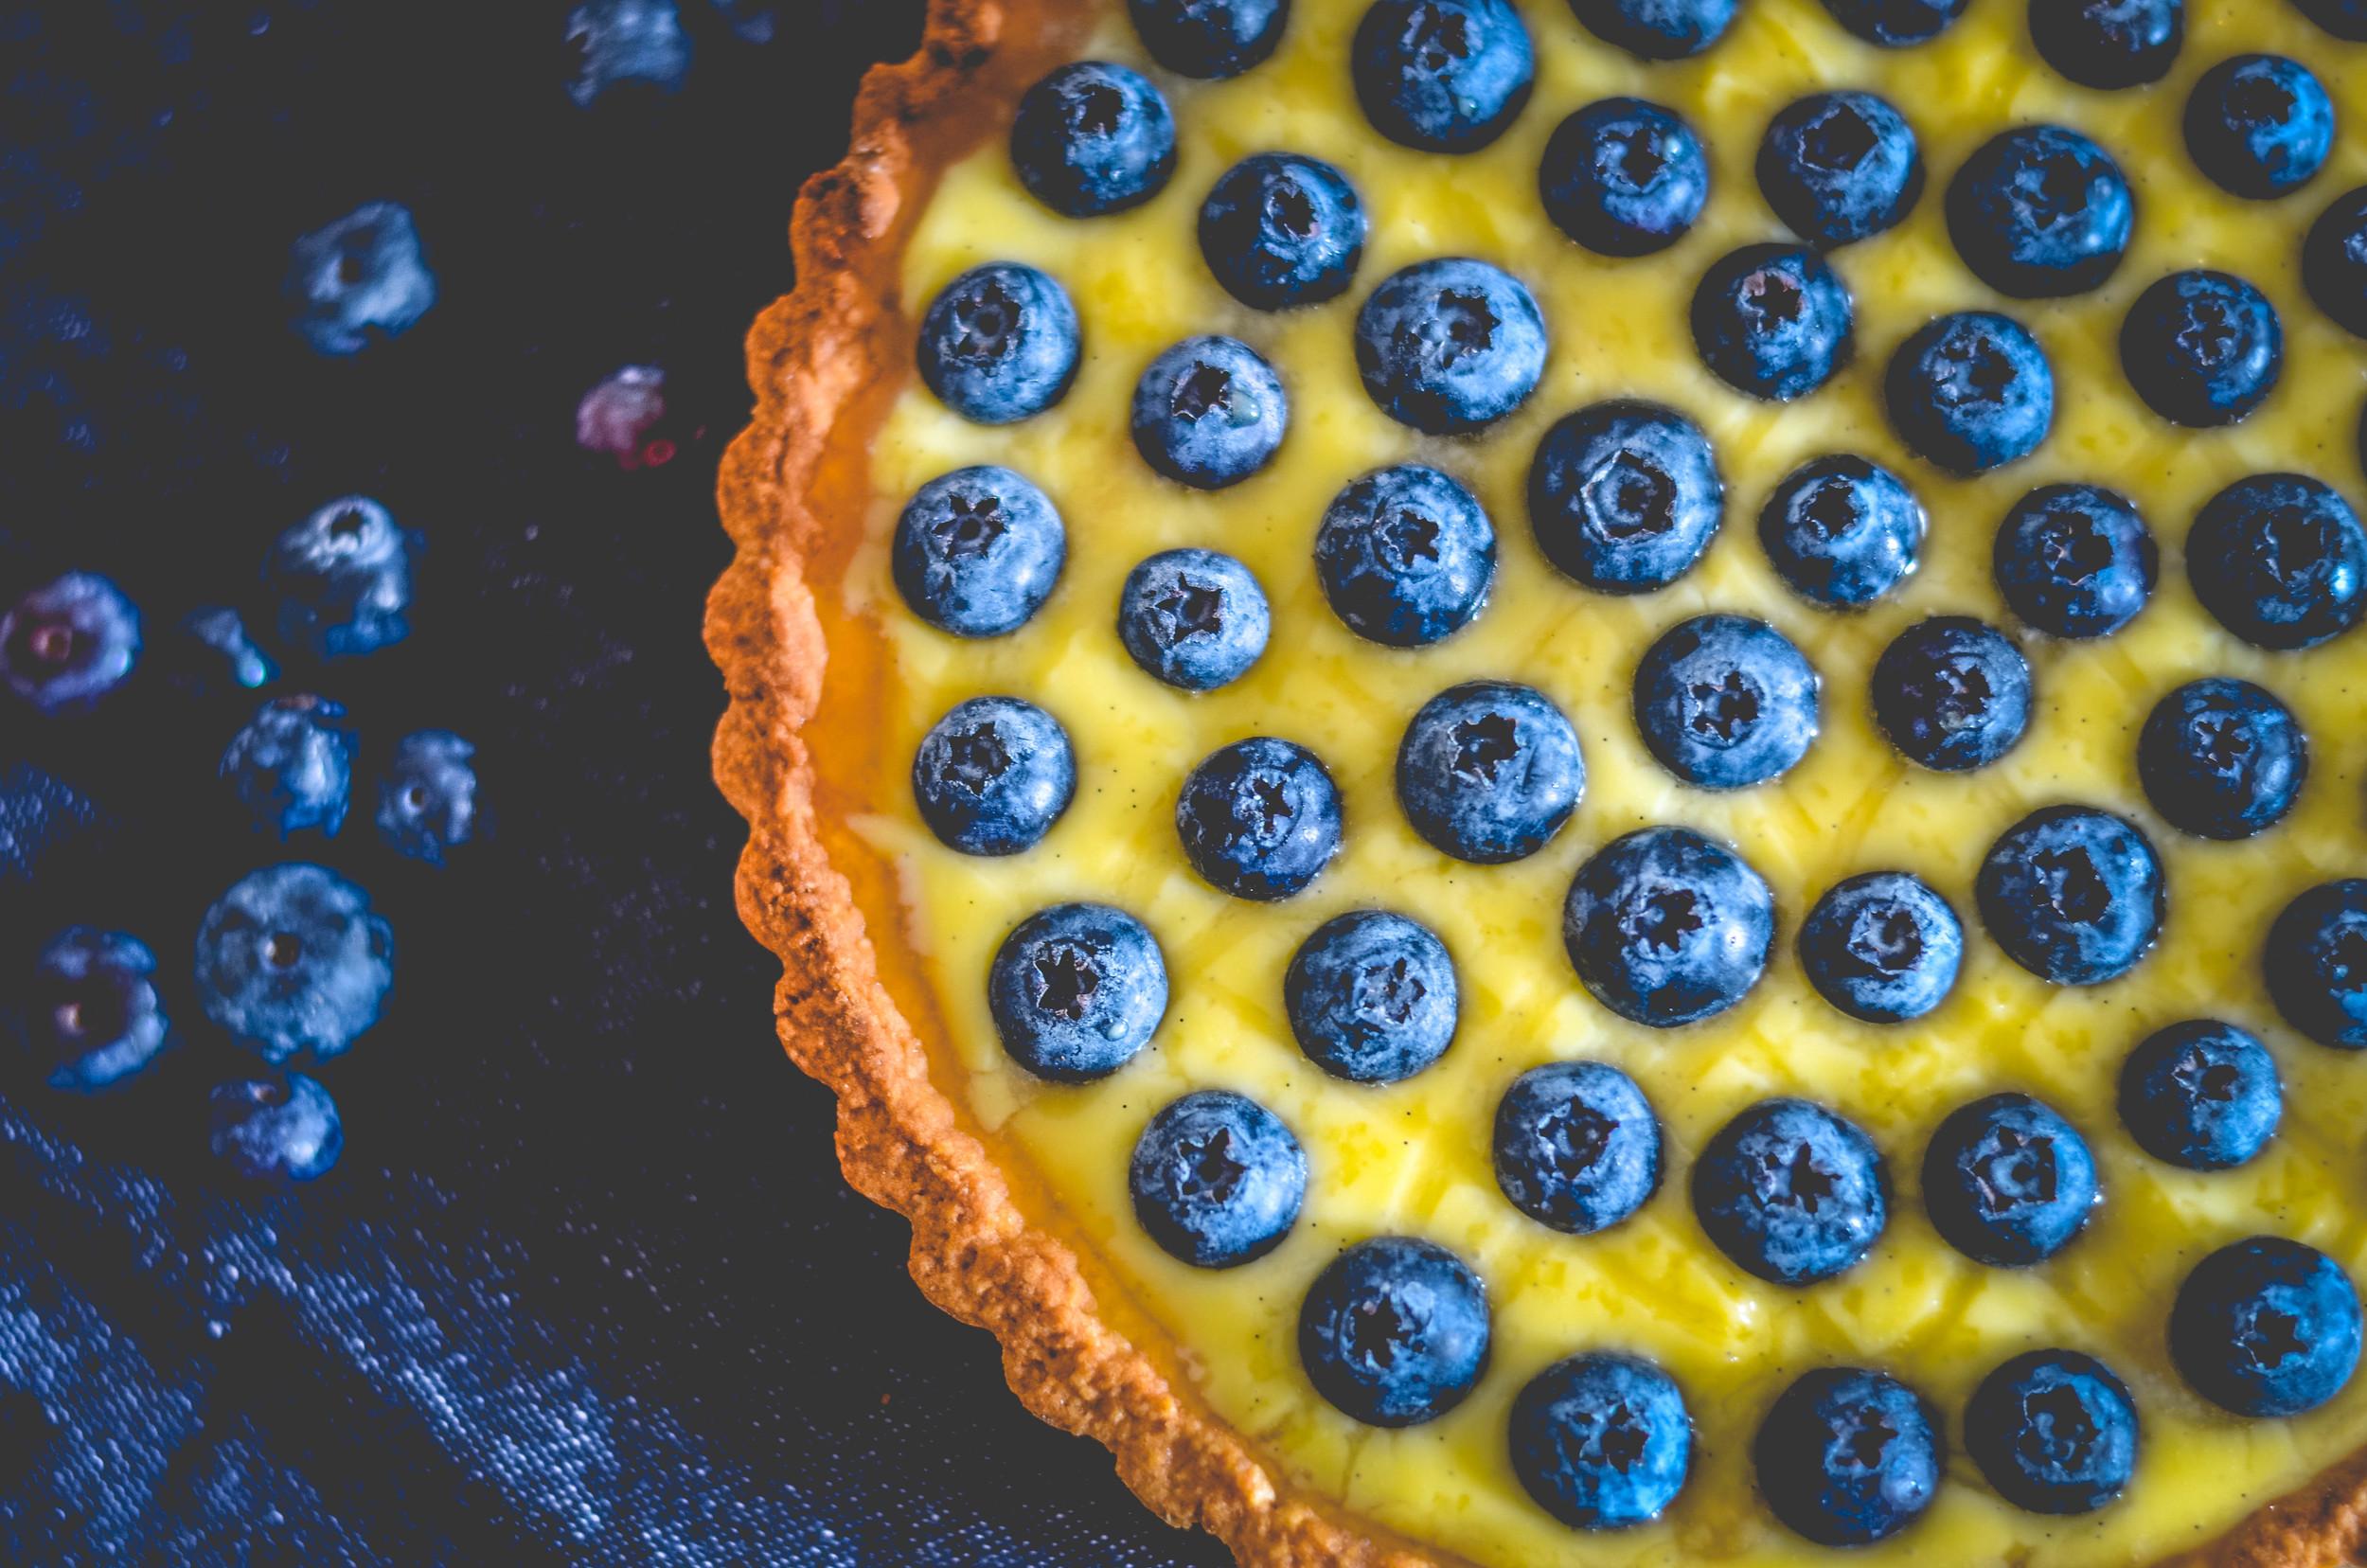 blueberry tart with vanilla cream